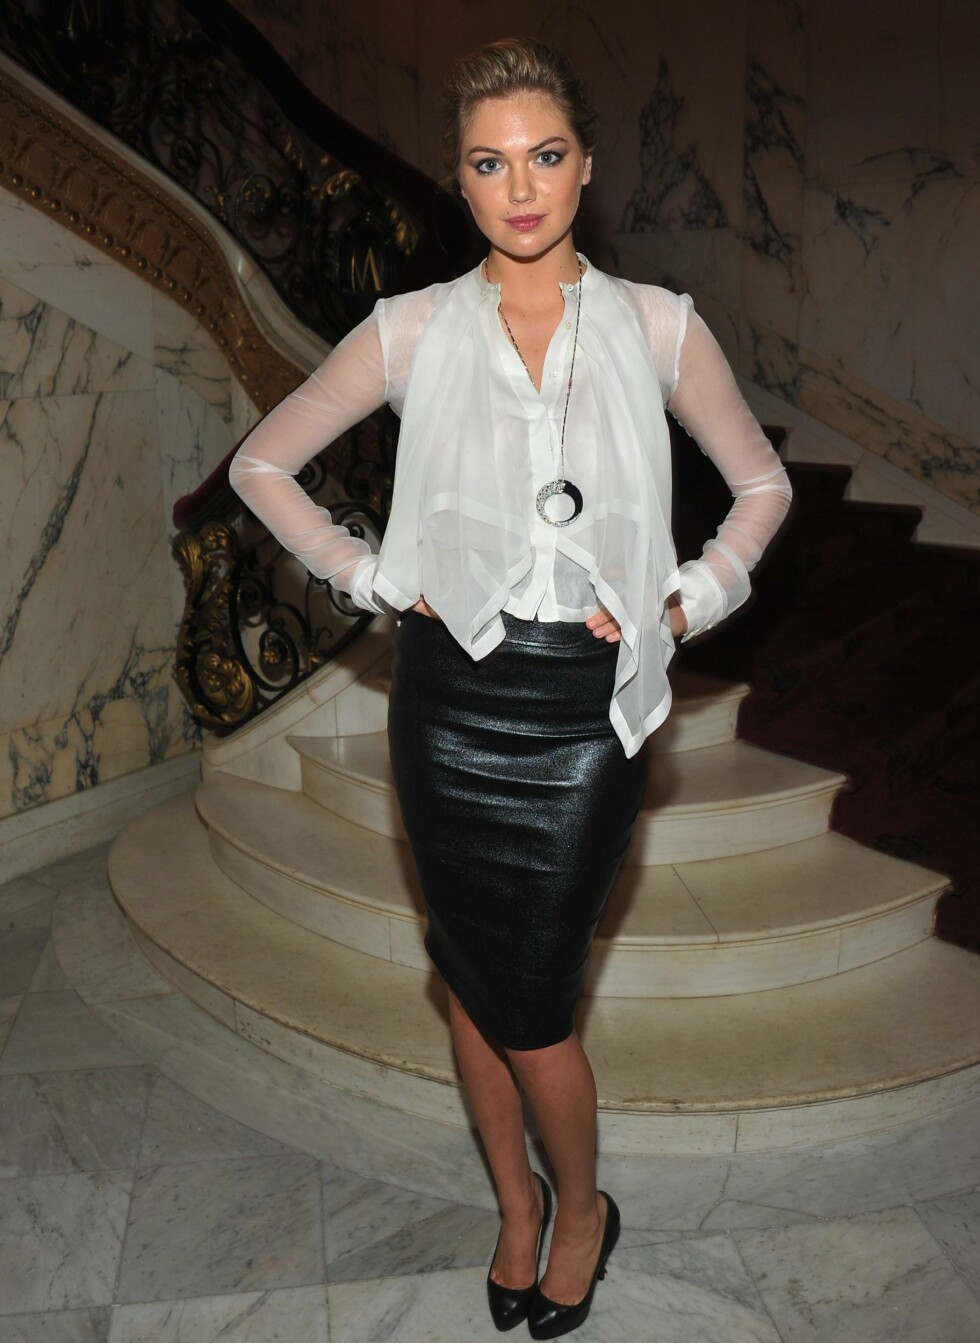 Kate er kjent for sine runde former og forførende stil. Foto: All Over Press